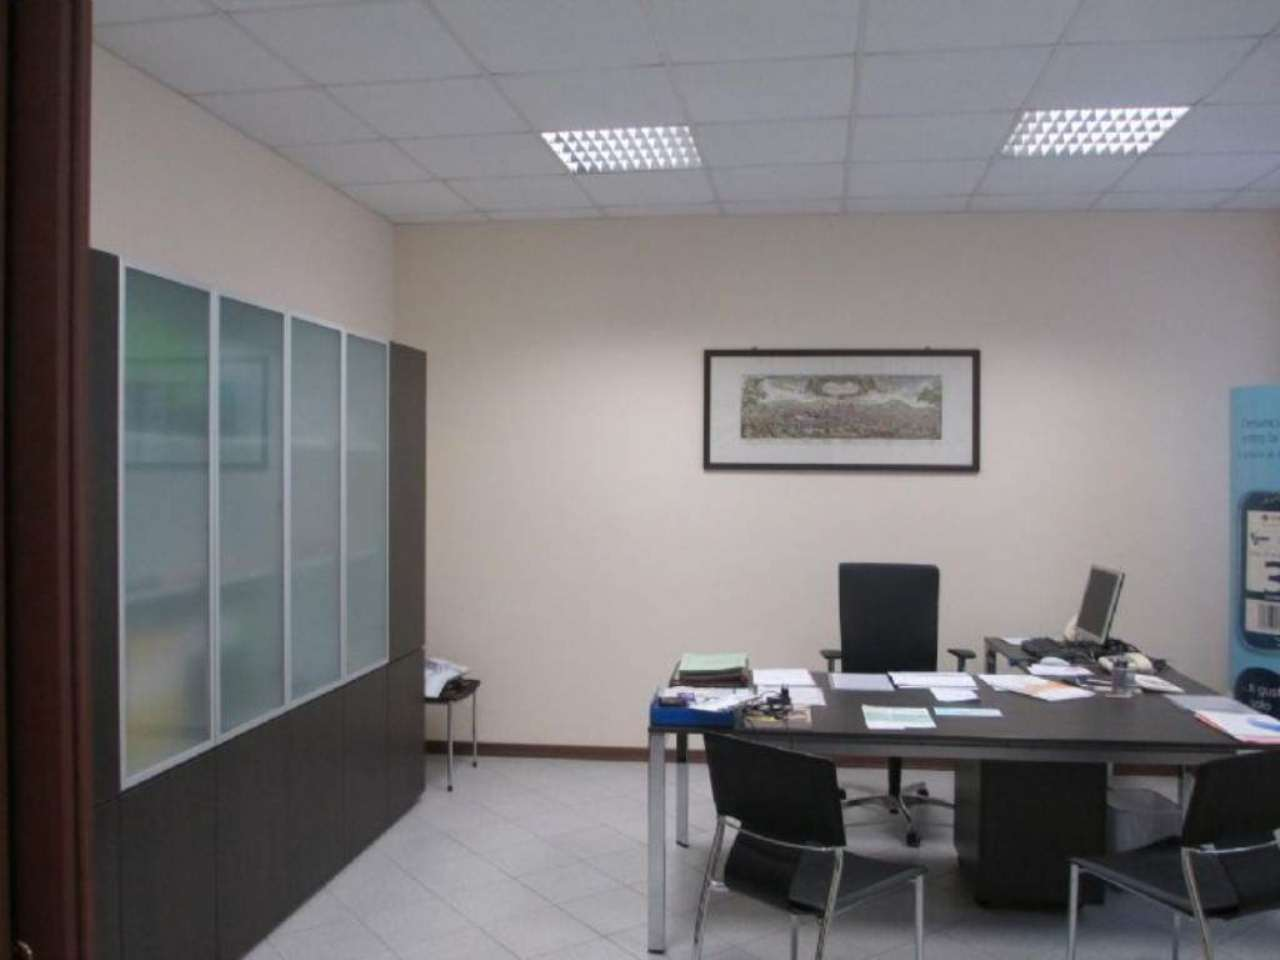 Ufficio / Studio in vendita a Soresina, 4 locali, prezzo € 105.000 | Cambio Casa.it